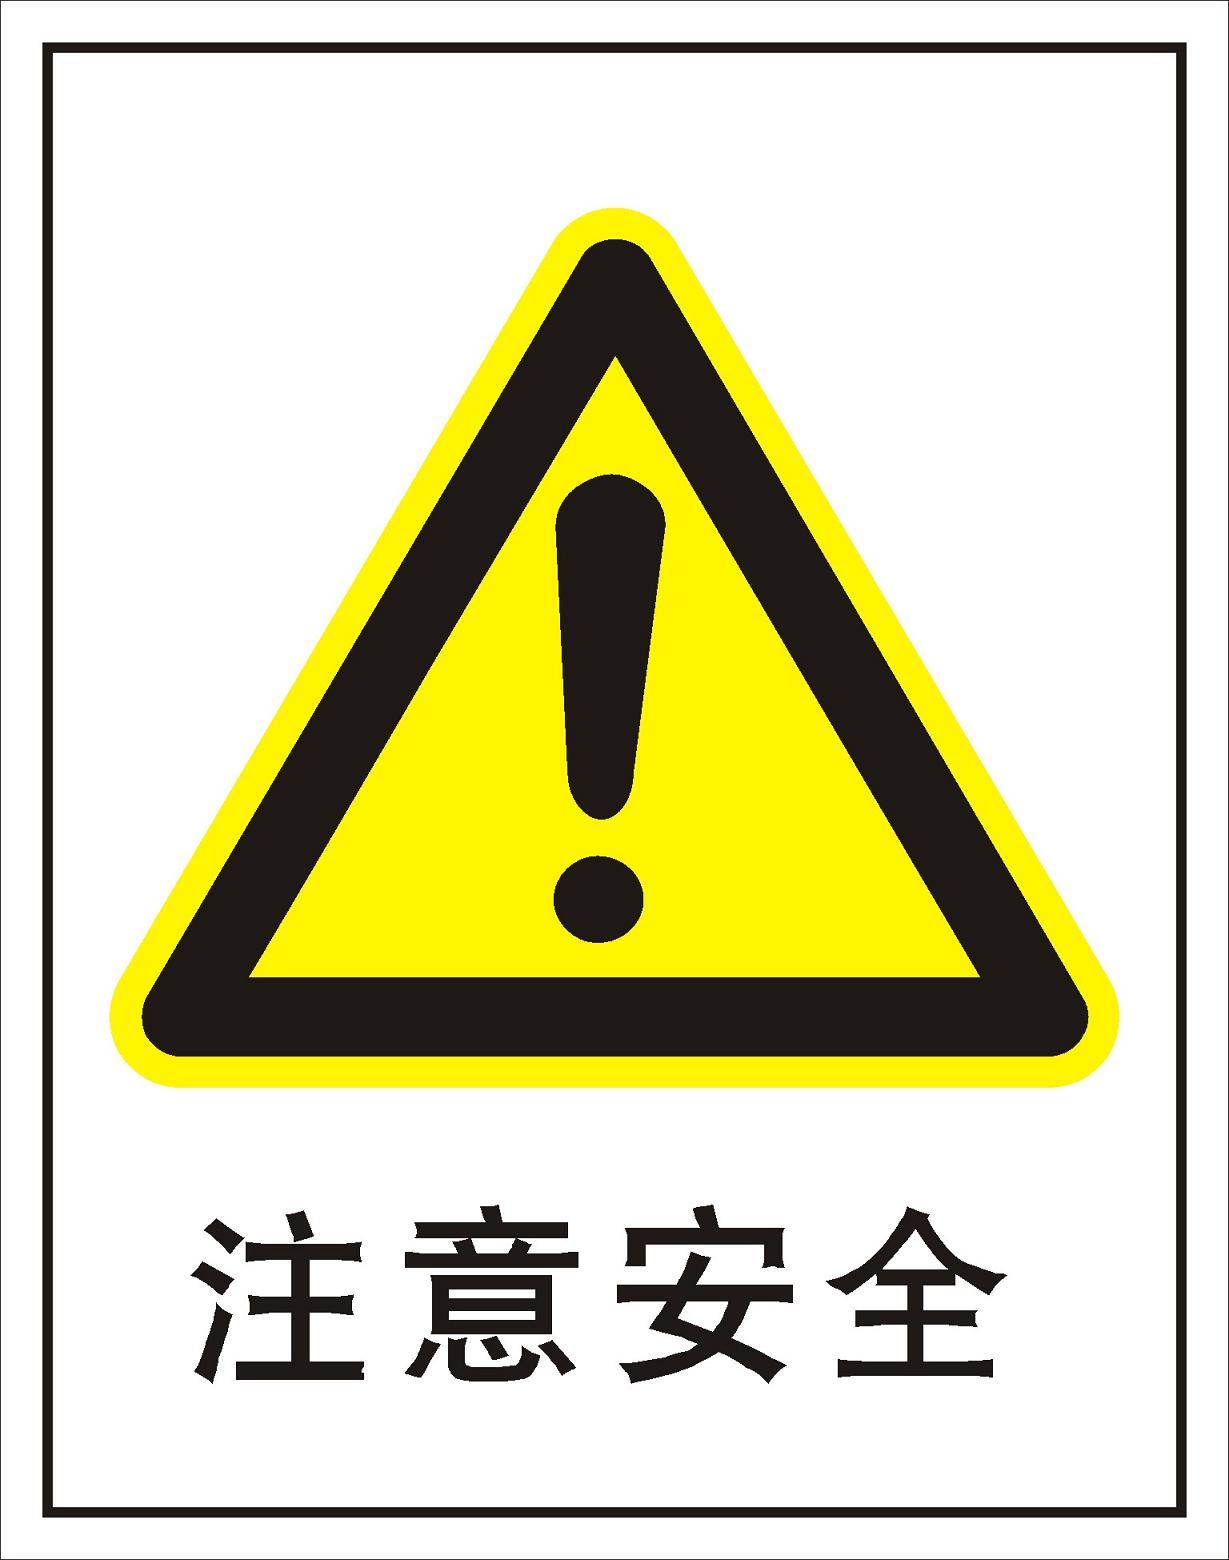 供應交通安全標志警示